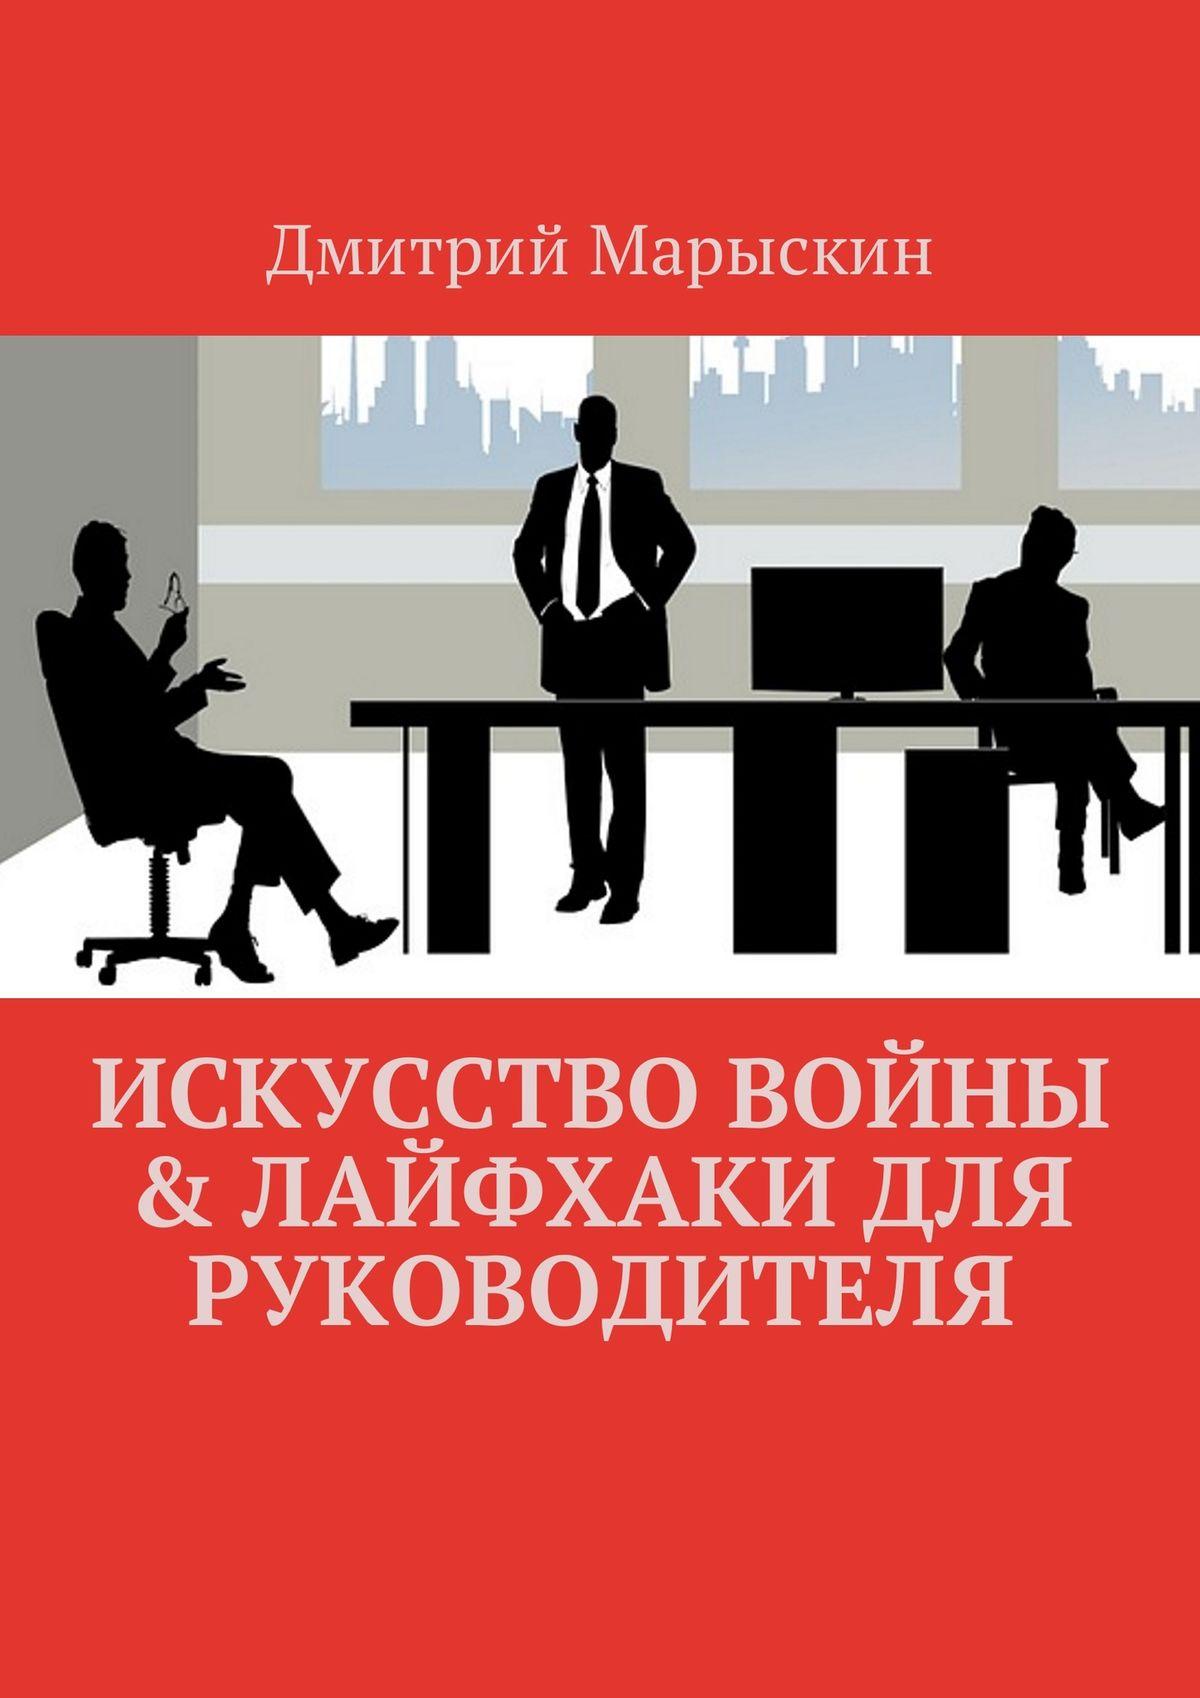 Дмитрий Марыскин Искусство войны & Лайфхаки для руководителя эксмо государь искусство войны